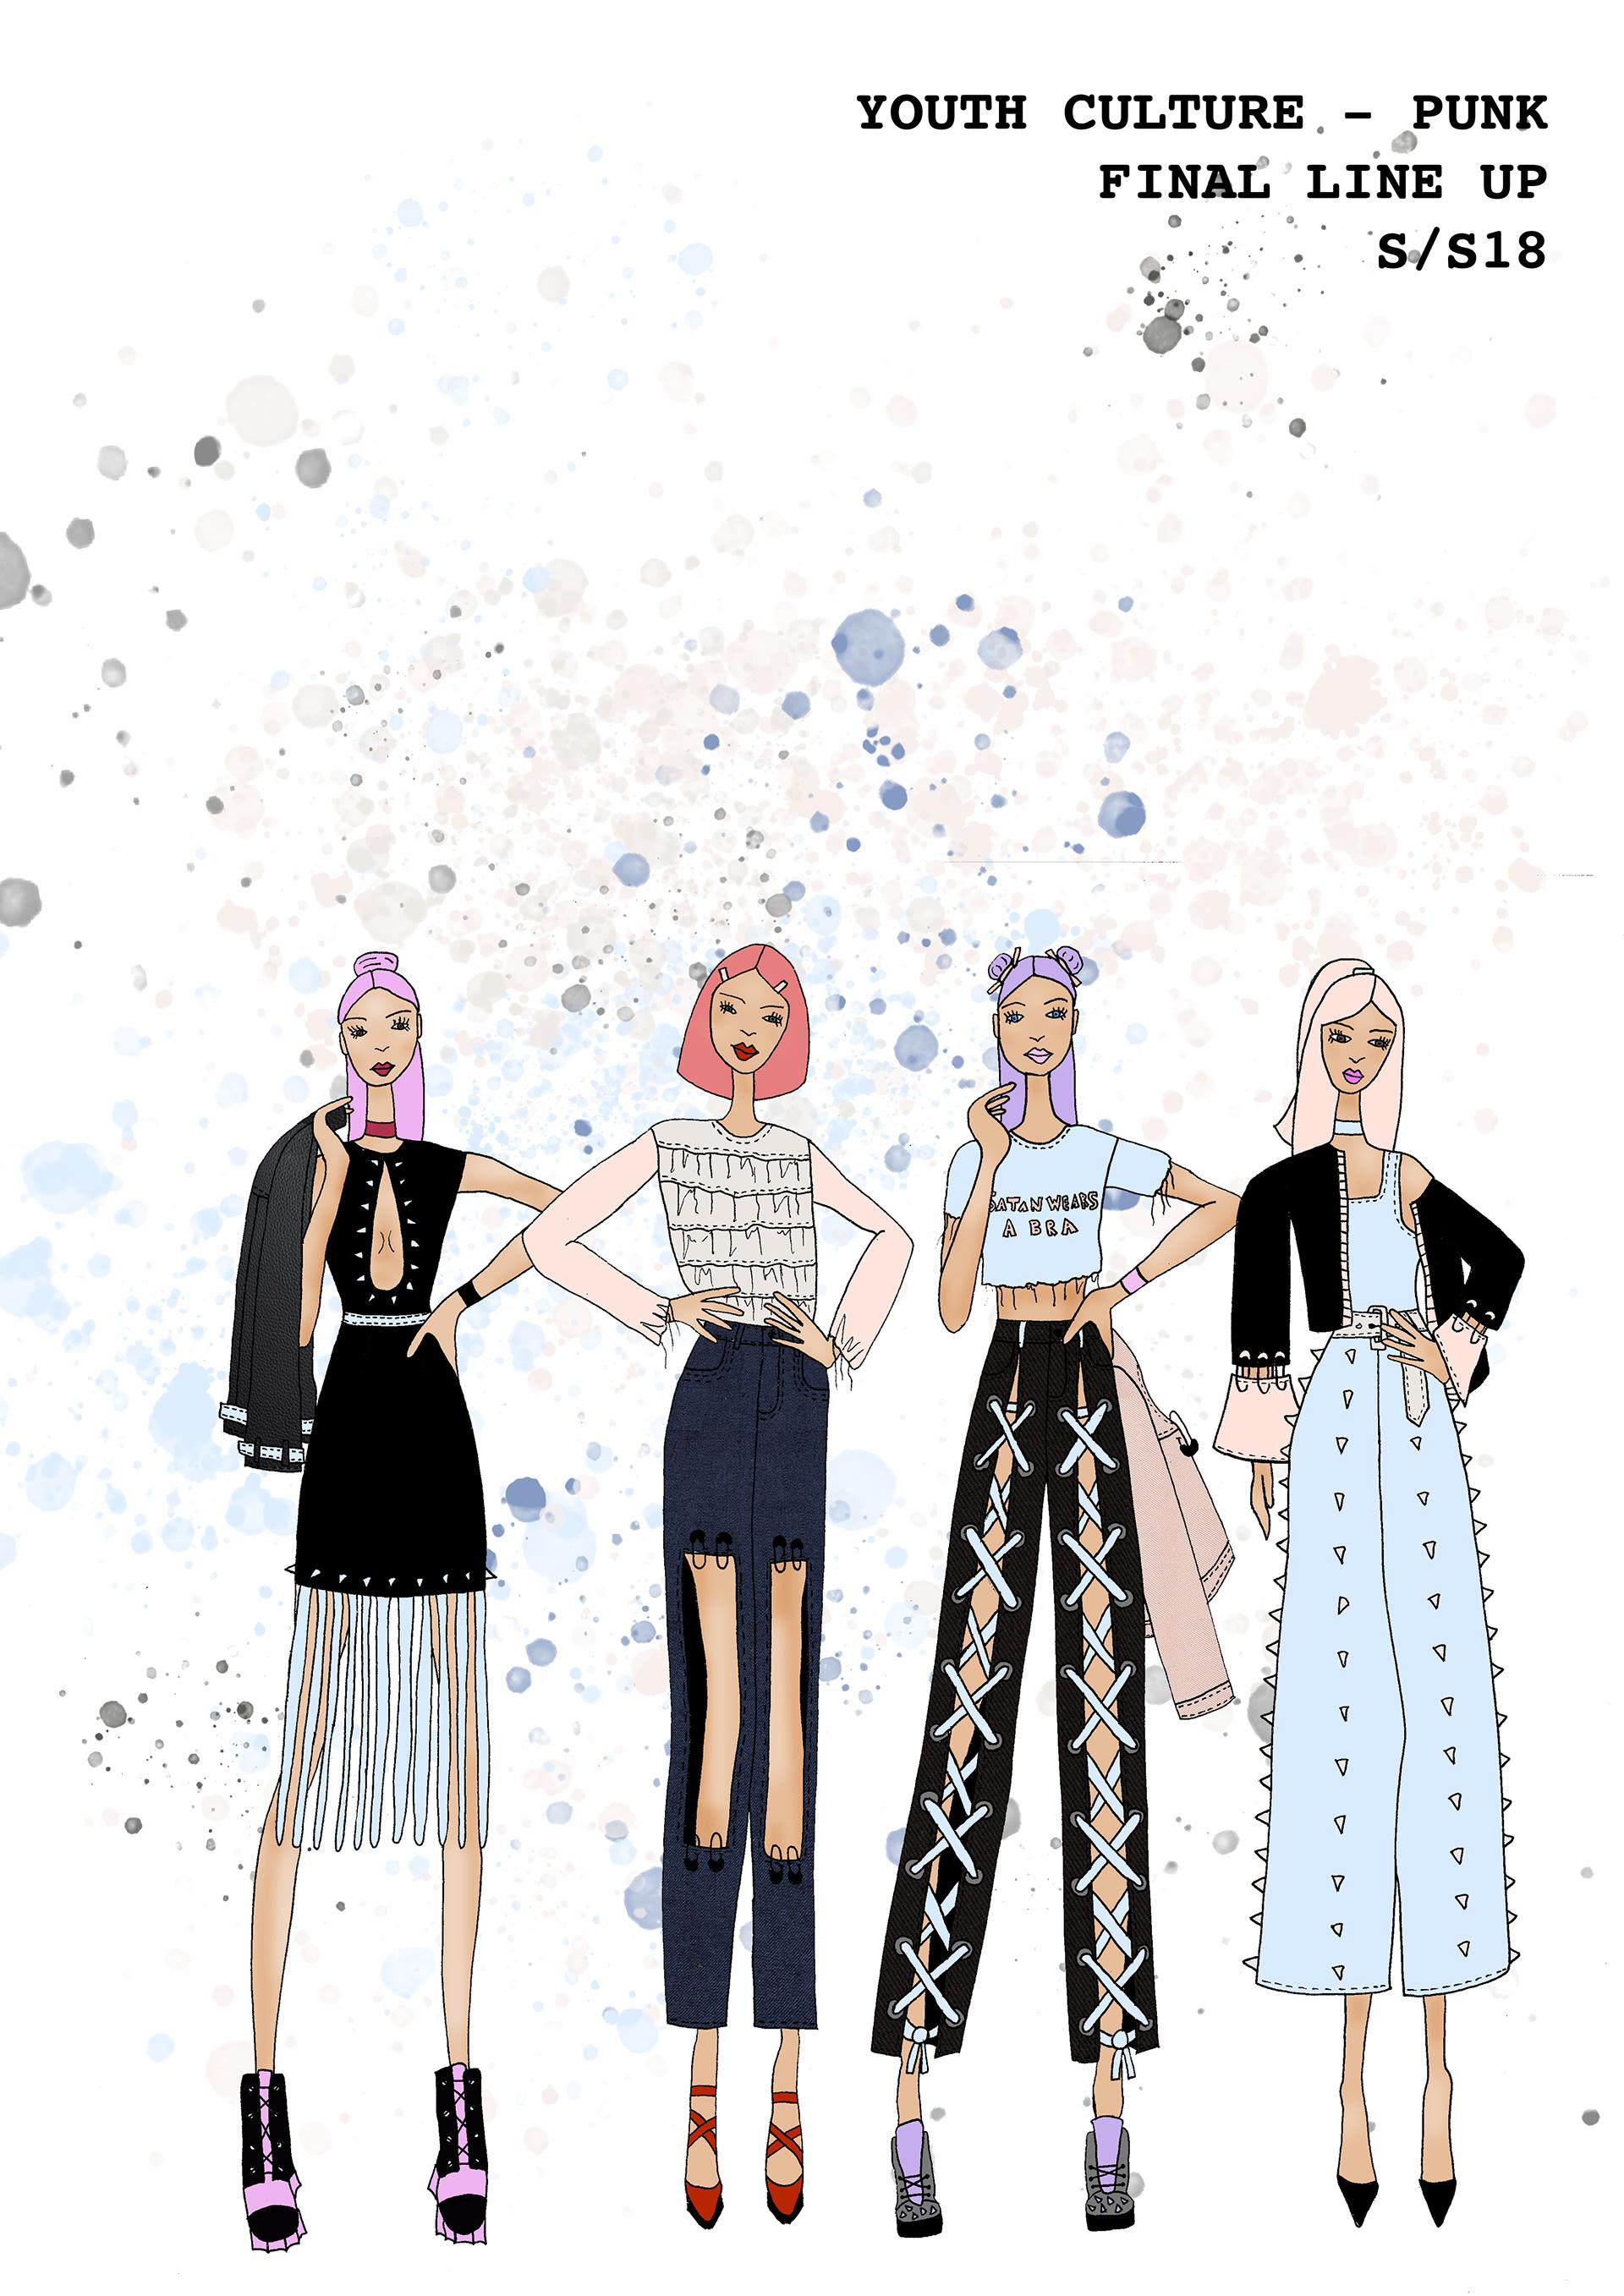 Fern Taylor Fashion Portfolio - Visual Studies - Youth Culture